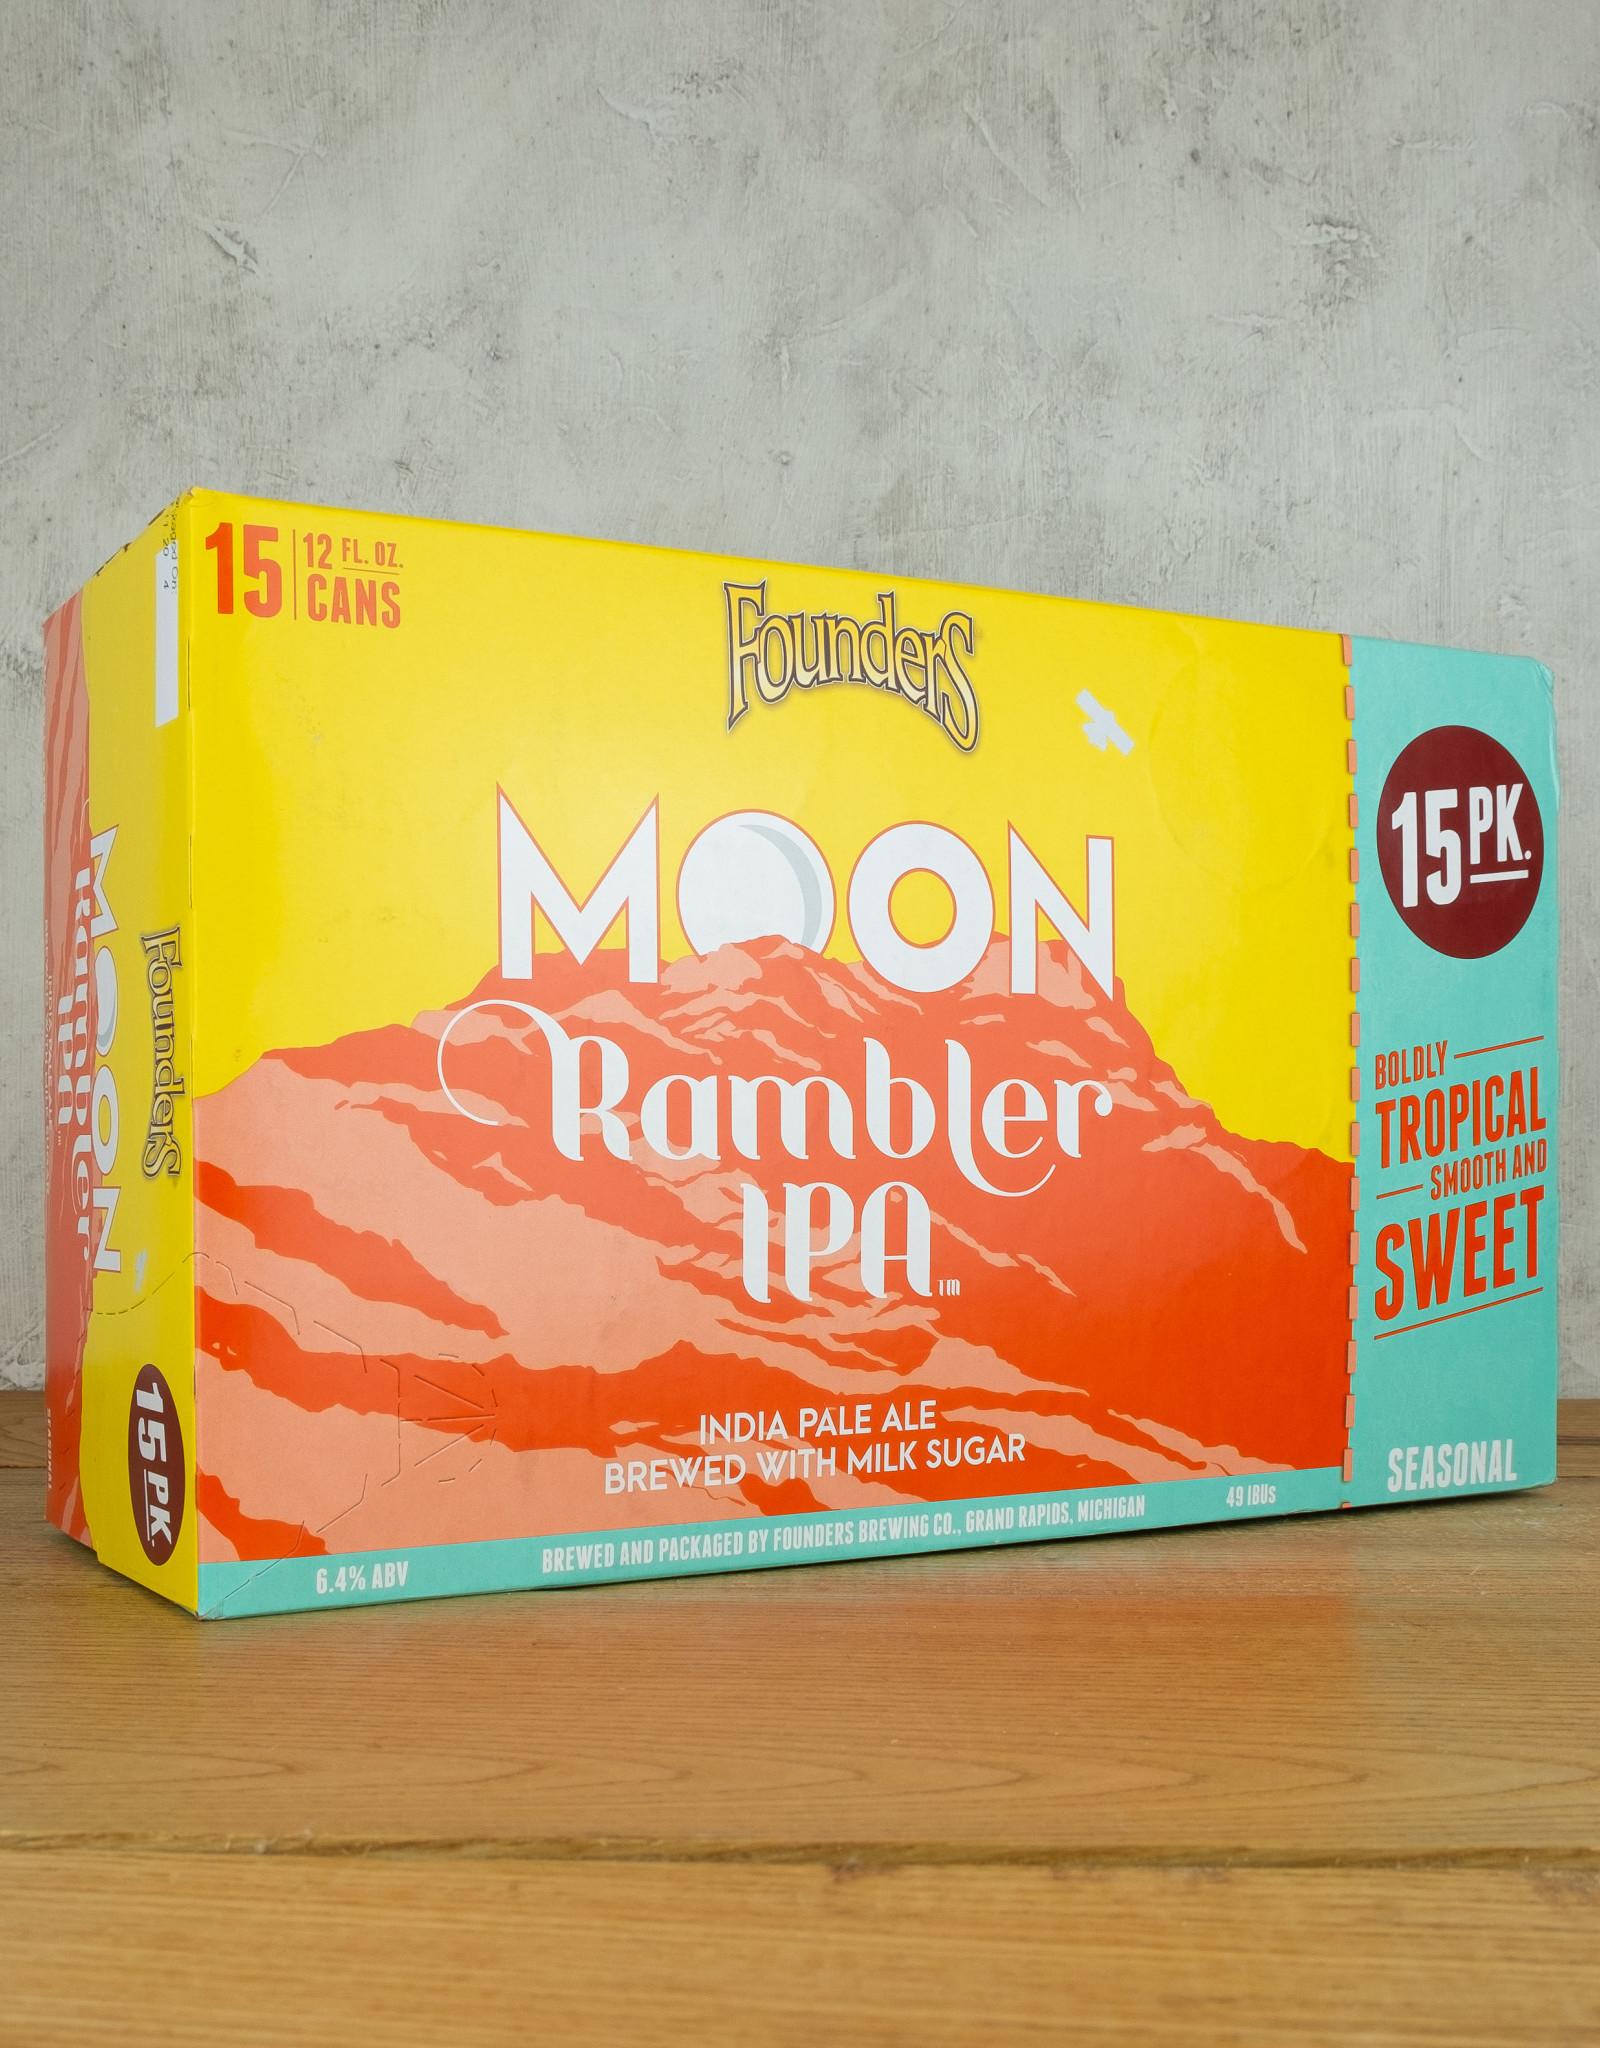 Founders Moon Rambler IPA 15pk